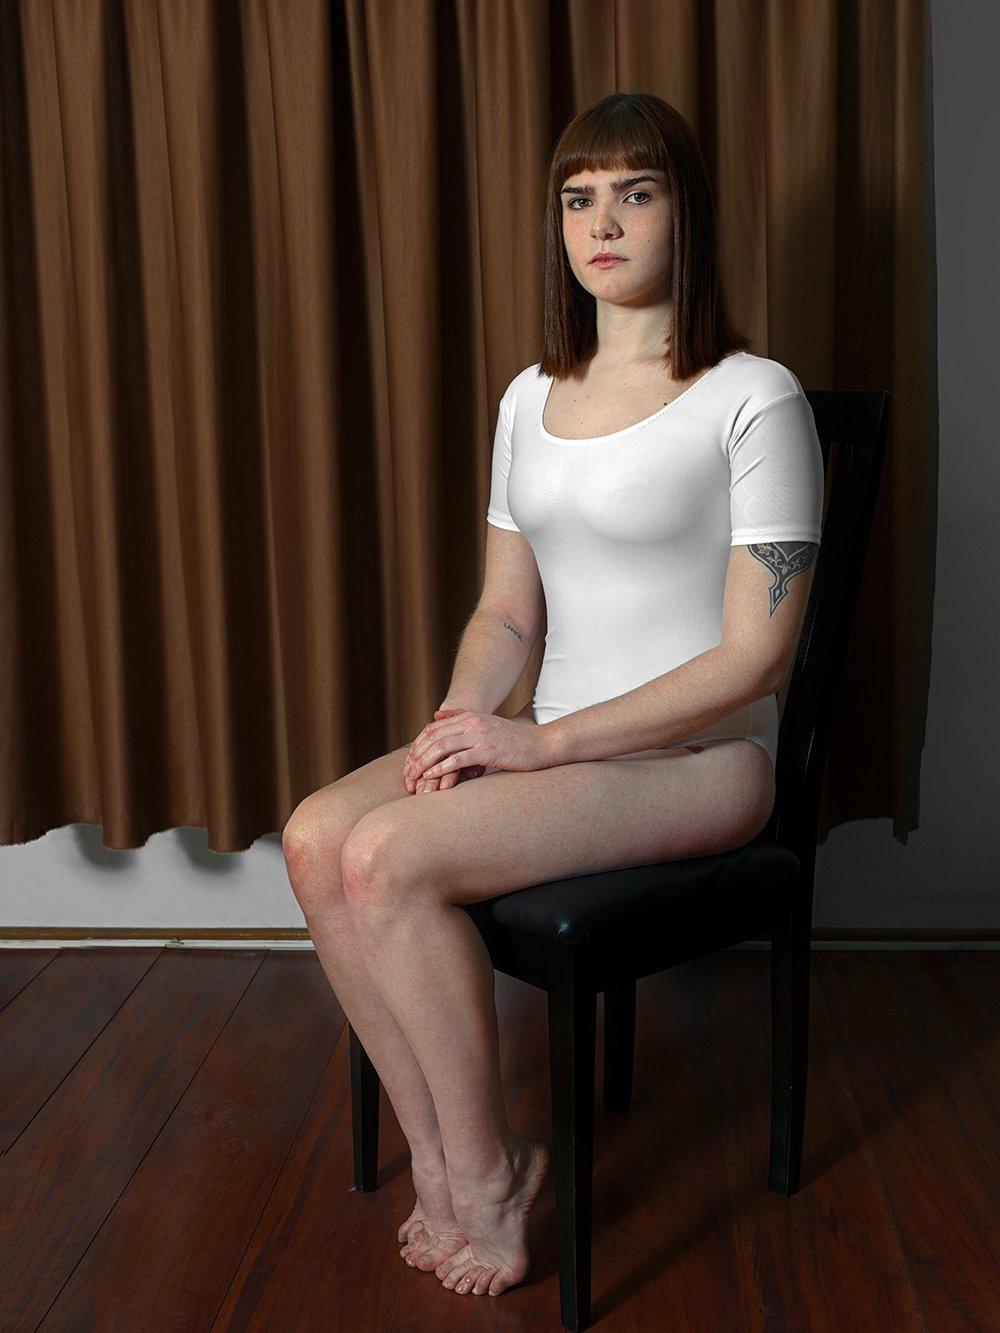 Portraits-_0465retfinal.jpg.2048x1566_q90.jpg